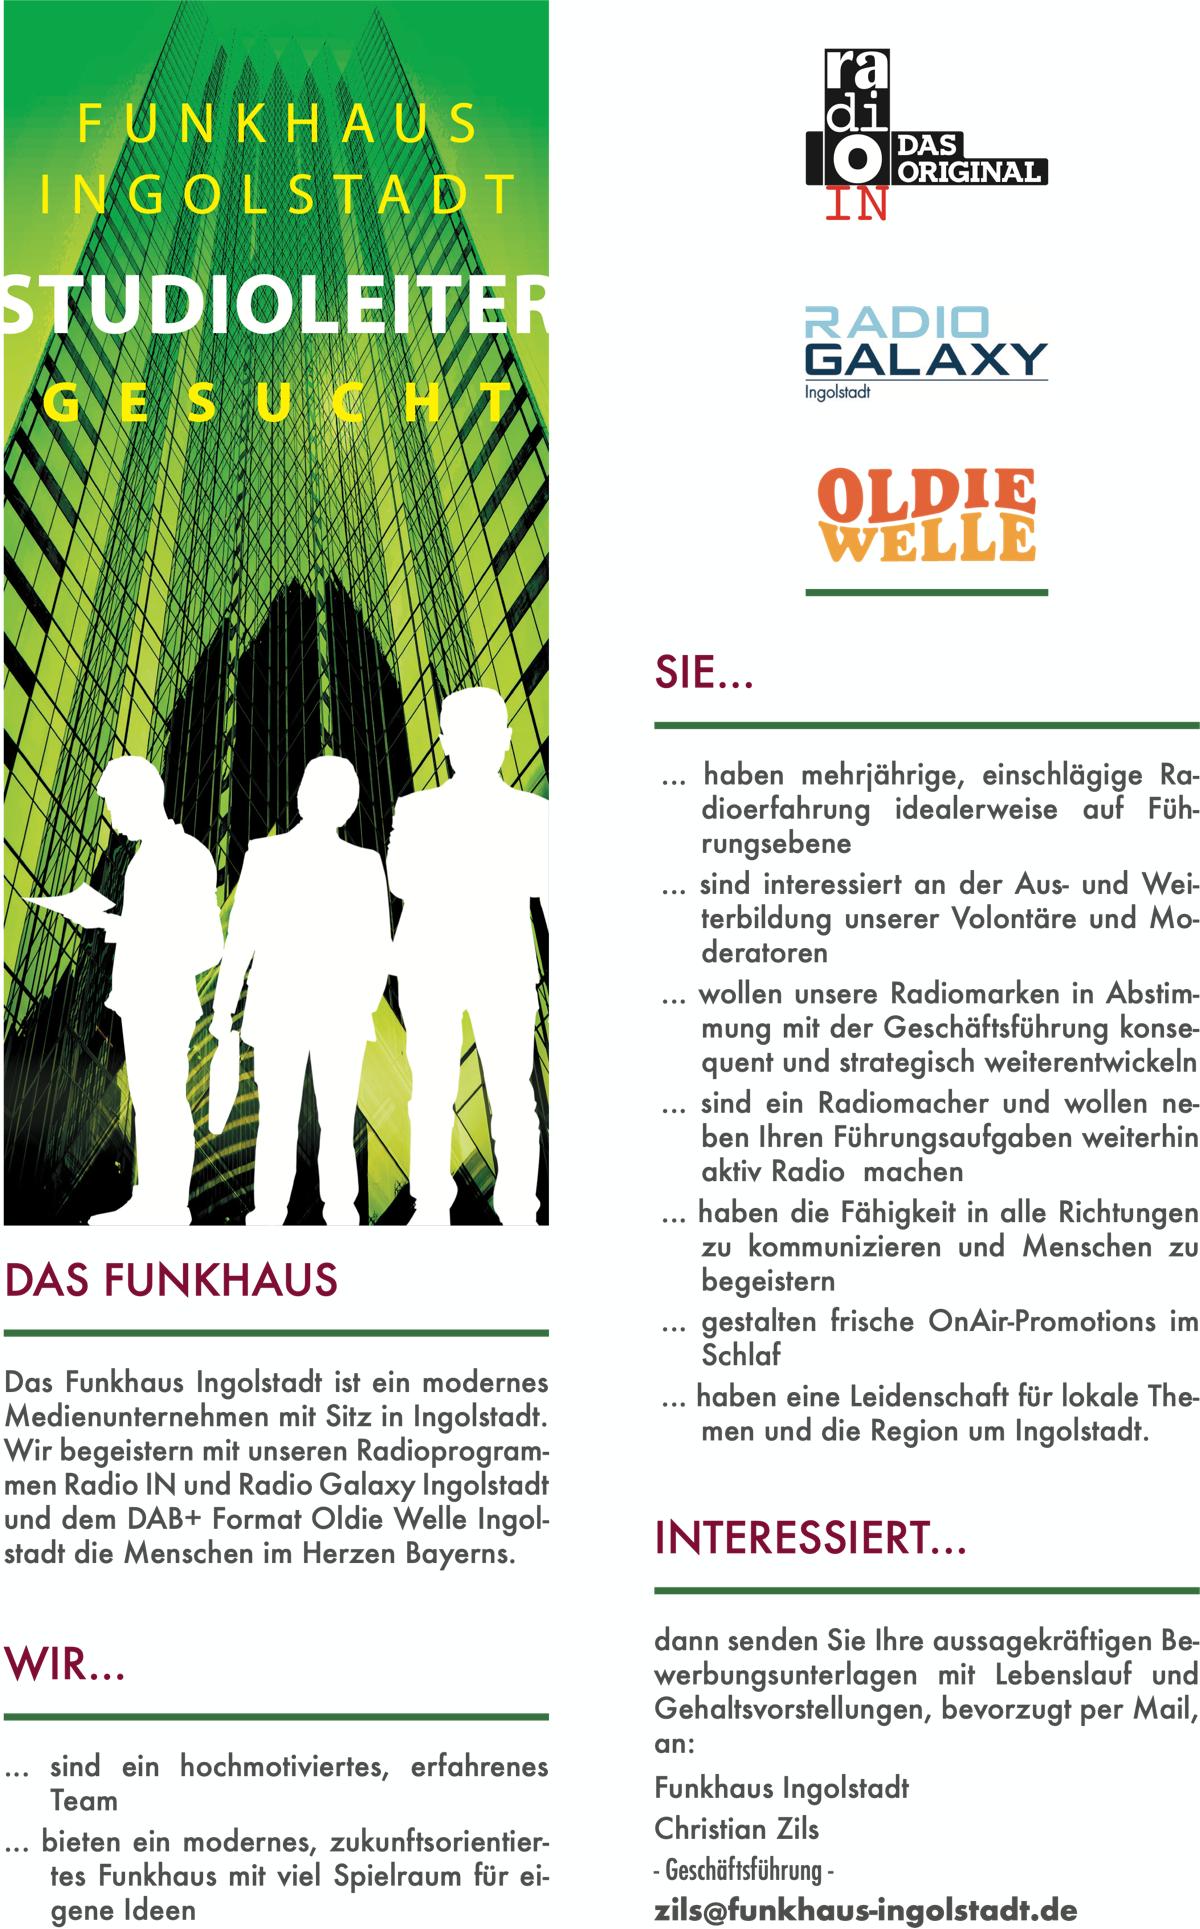 Funkhaus Ingolstadt sucht einen Studioleiter (m/w/d)